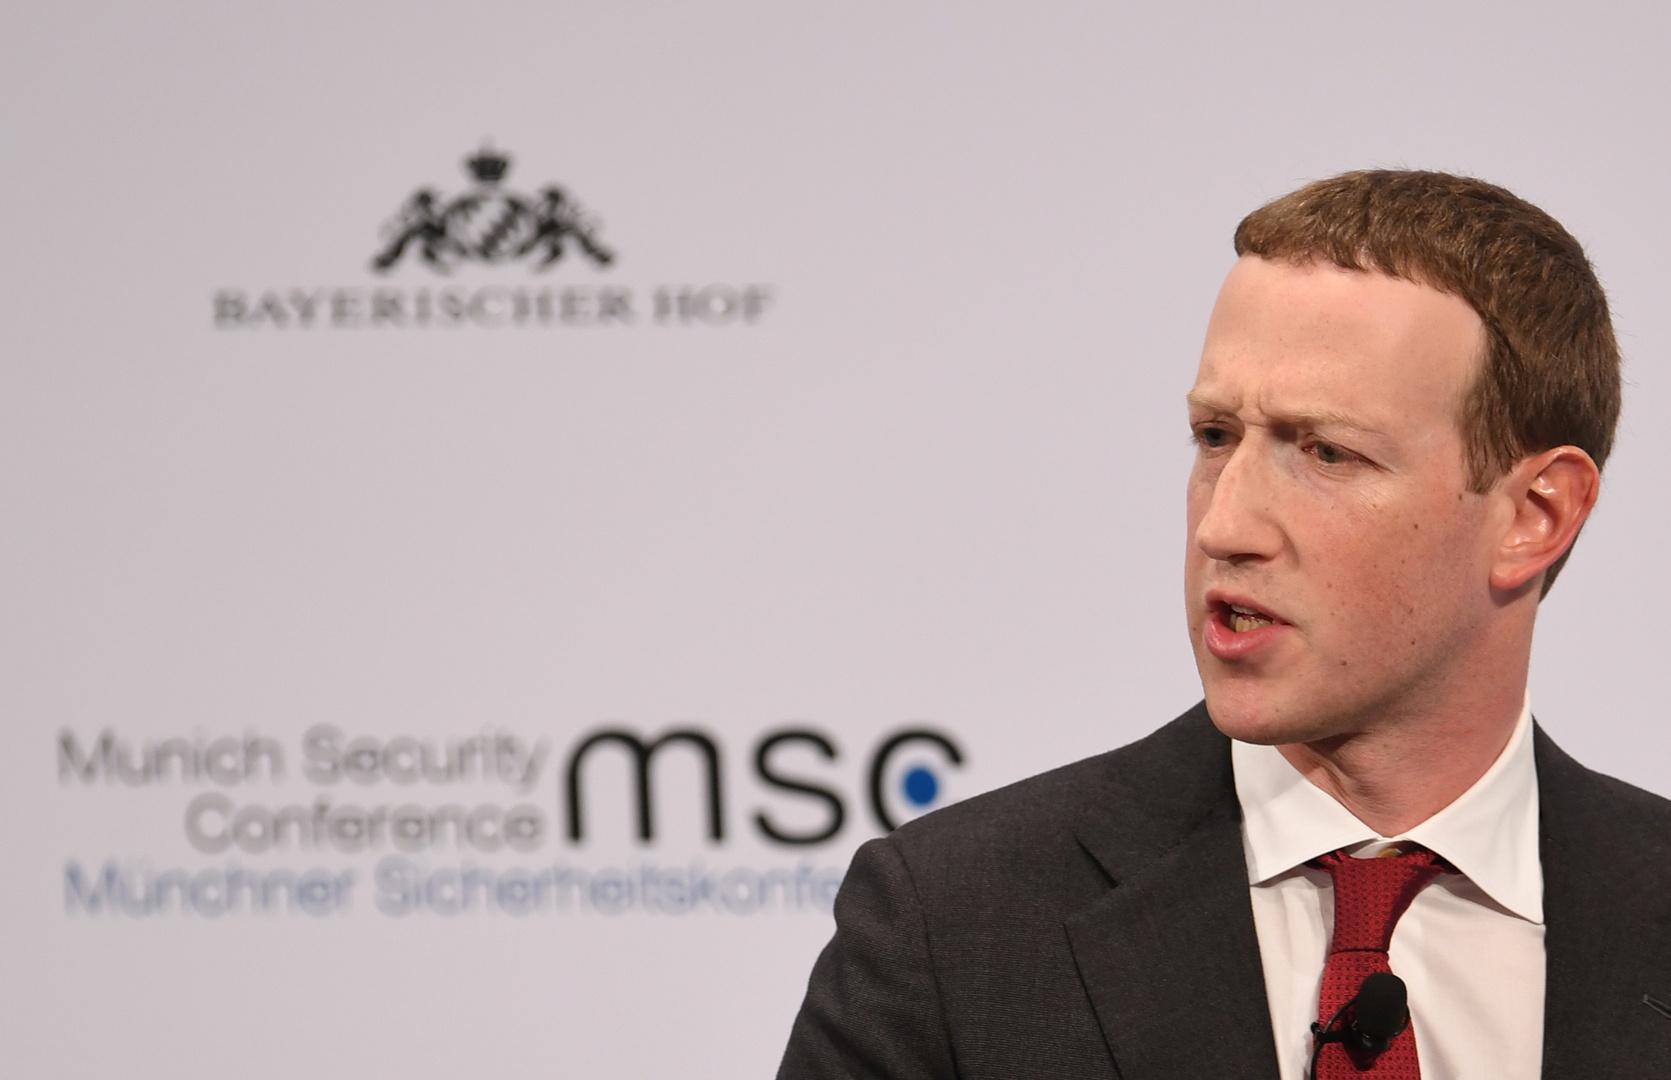 Herunder Zuckerbergs telefonnummer .. Spredning af stjålne personoplysninger om en halv milliard forbrugere i